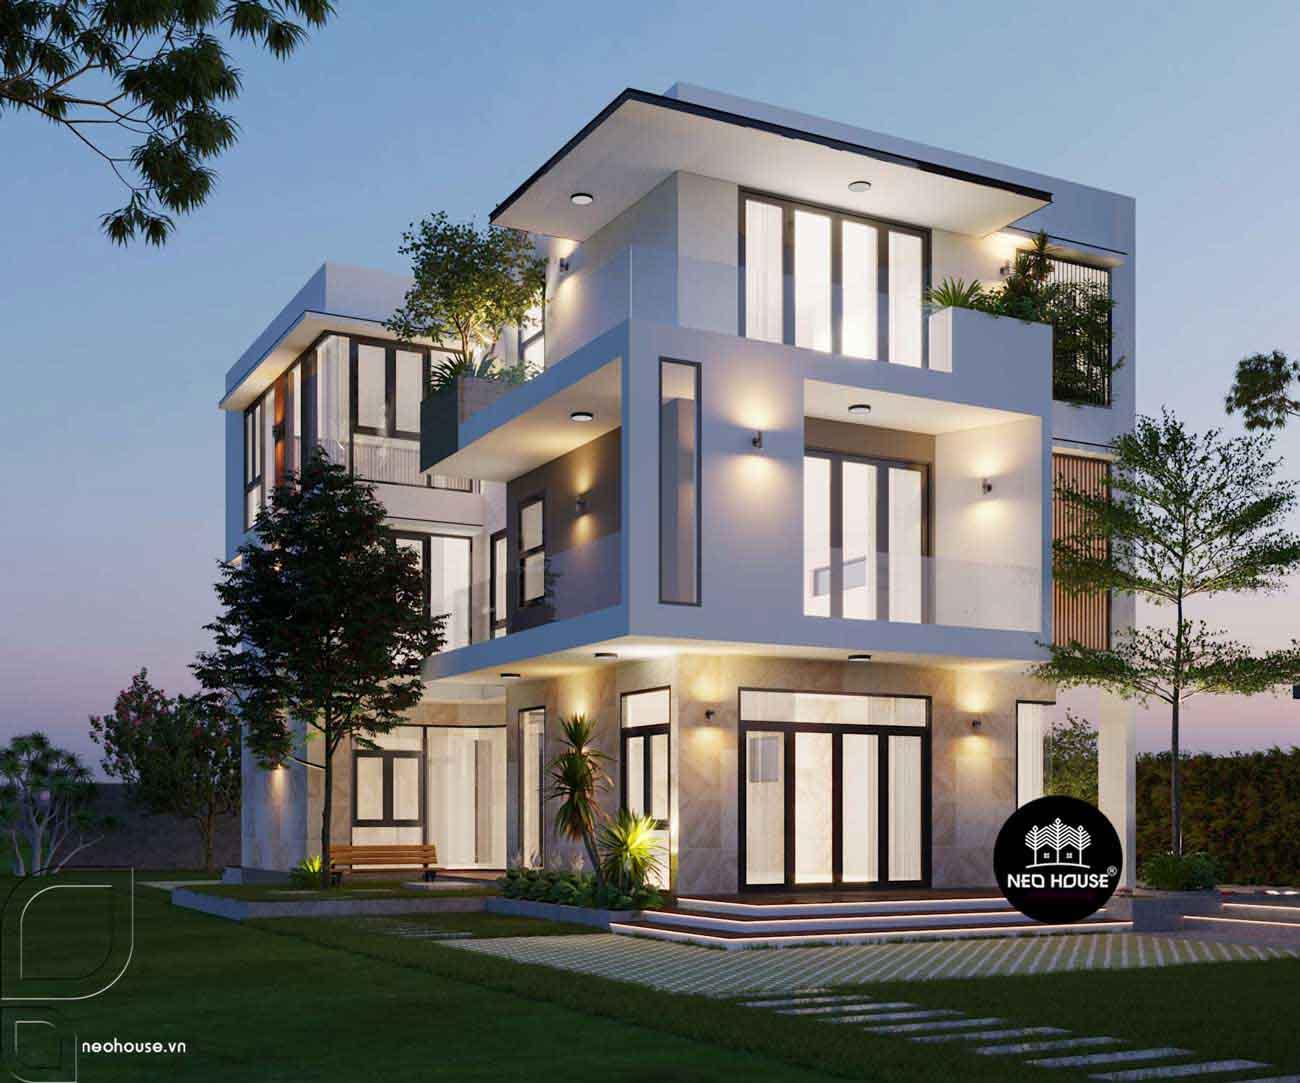 Thiết kế xây dựng biệt thự 3 tầng. Ảnh 1